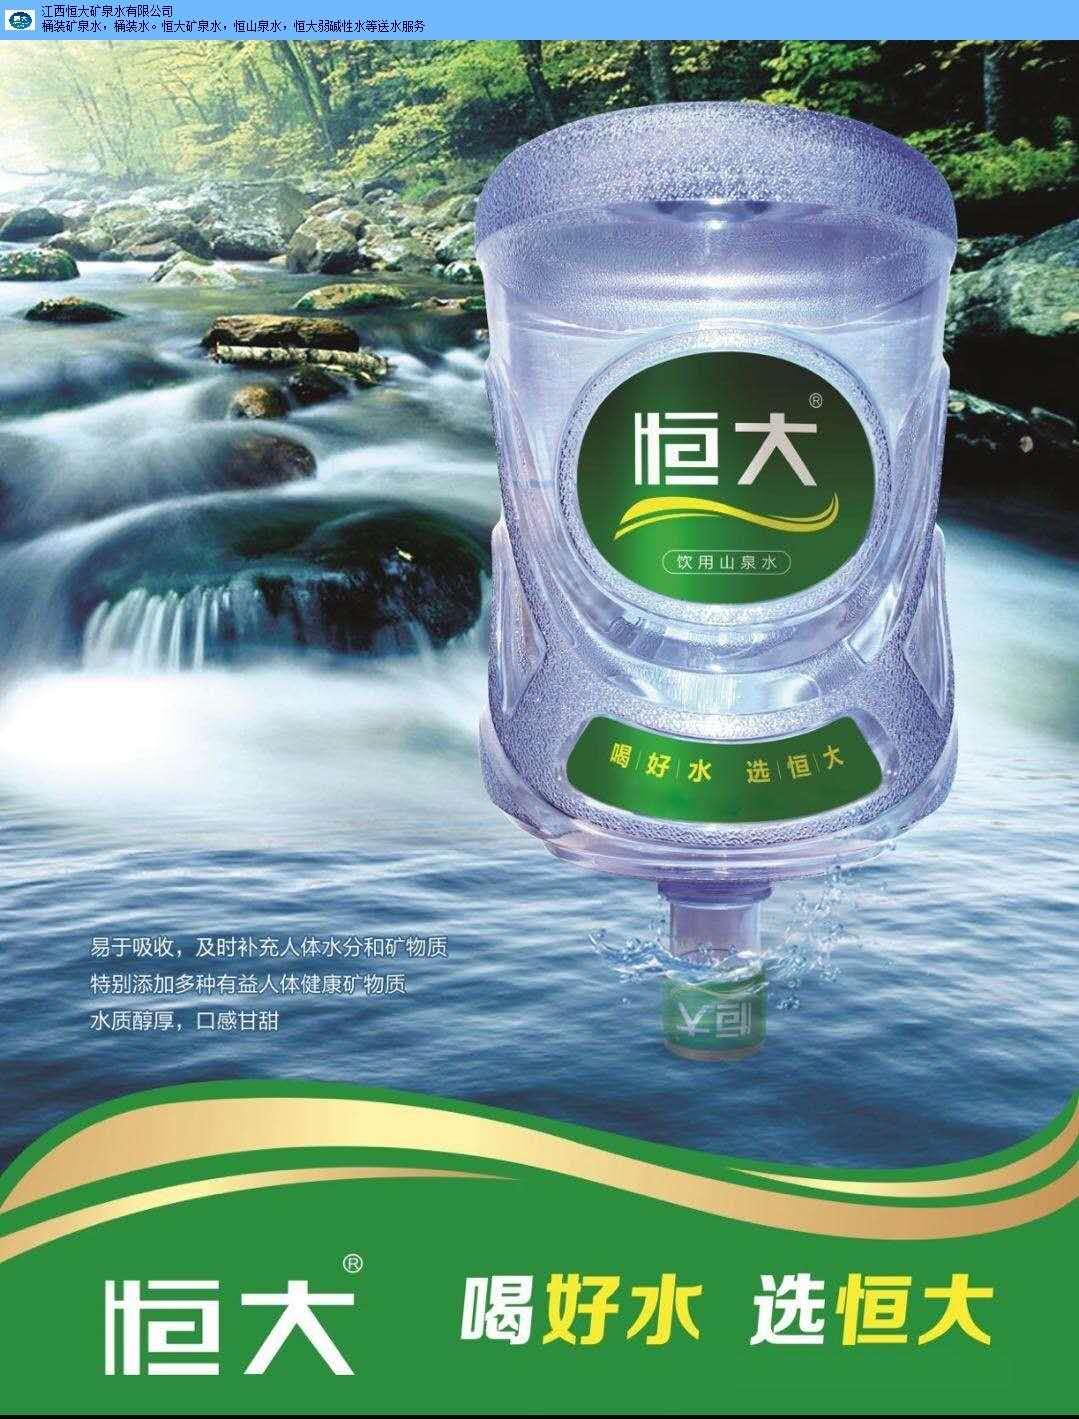 太原送水告诉你桶装水细菌超标原因